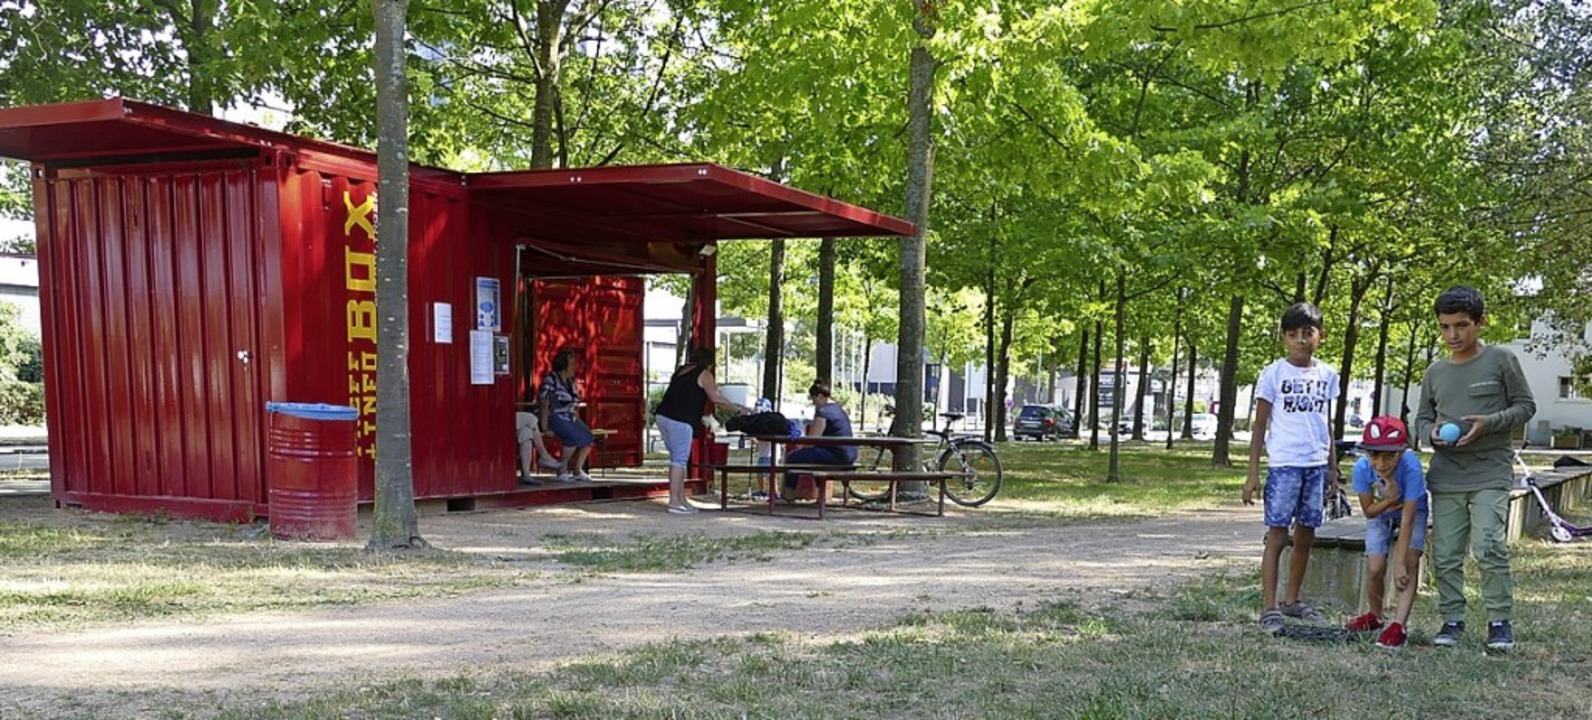 Der rote Container am Rande des Rheinp...ist Spielebox und Infopunkt zugleich.   | Foto: Senf